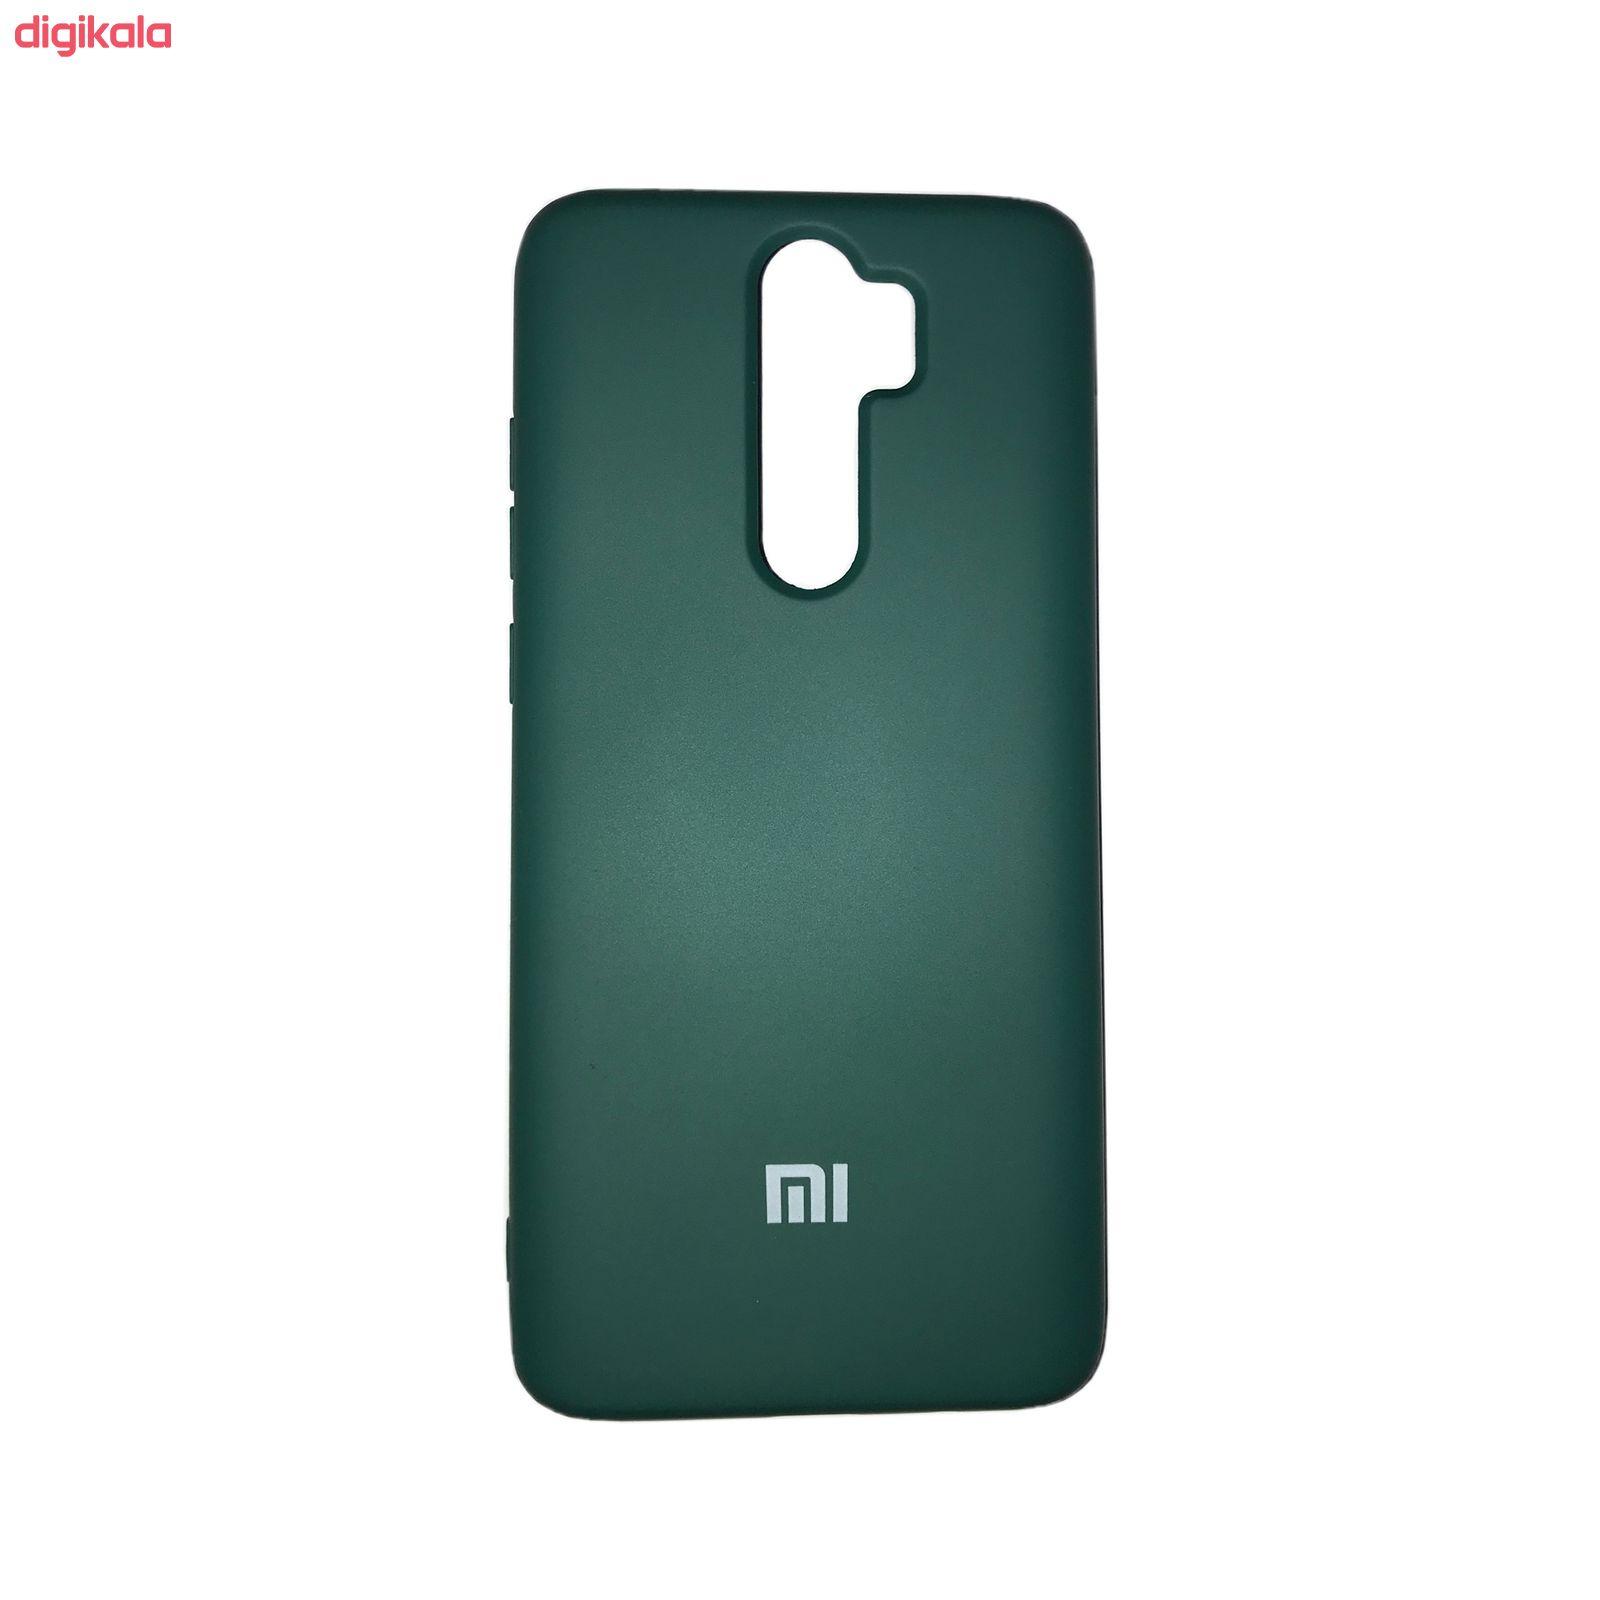 کاور مدل SIL-60 مناسب برای گوشی موبایل شیائومی Redmi Note 8 Pro main 1 1